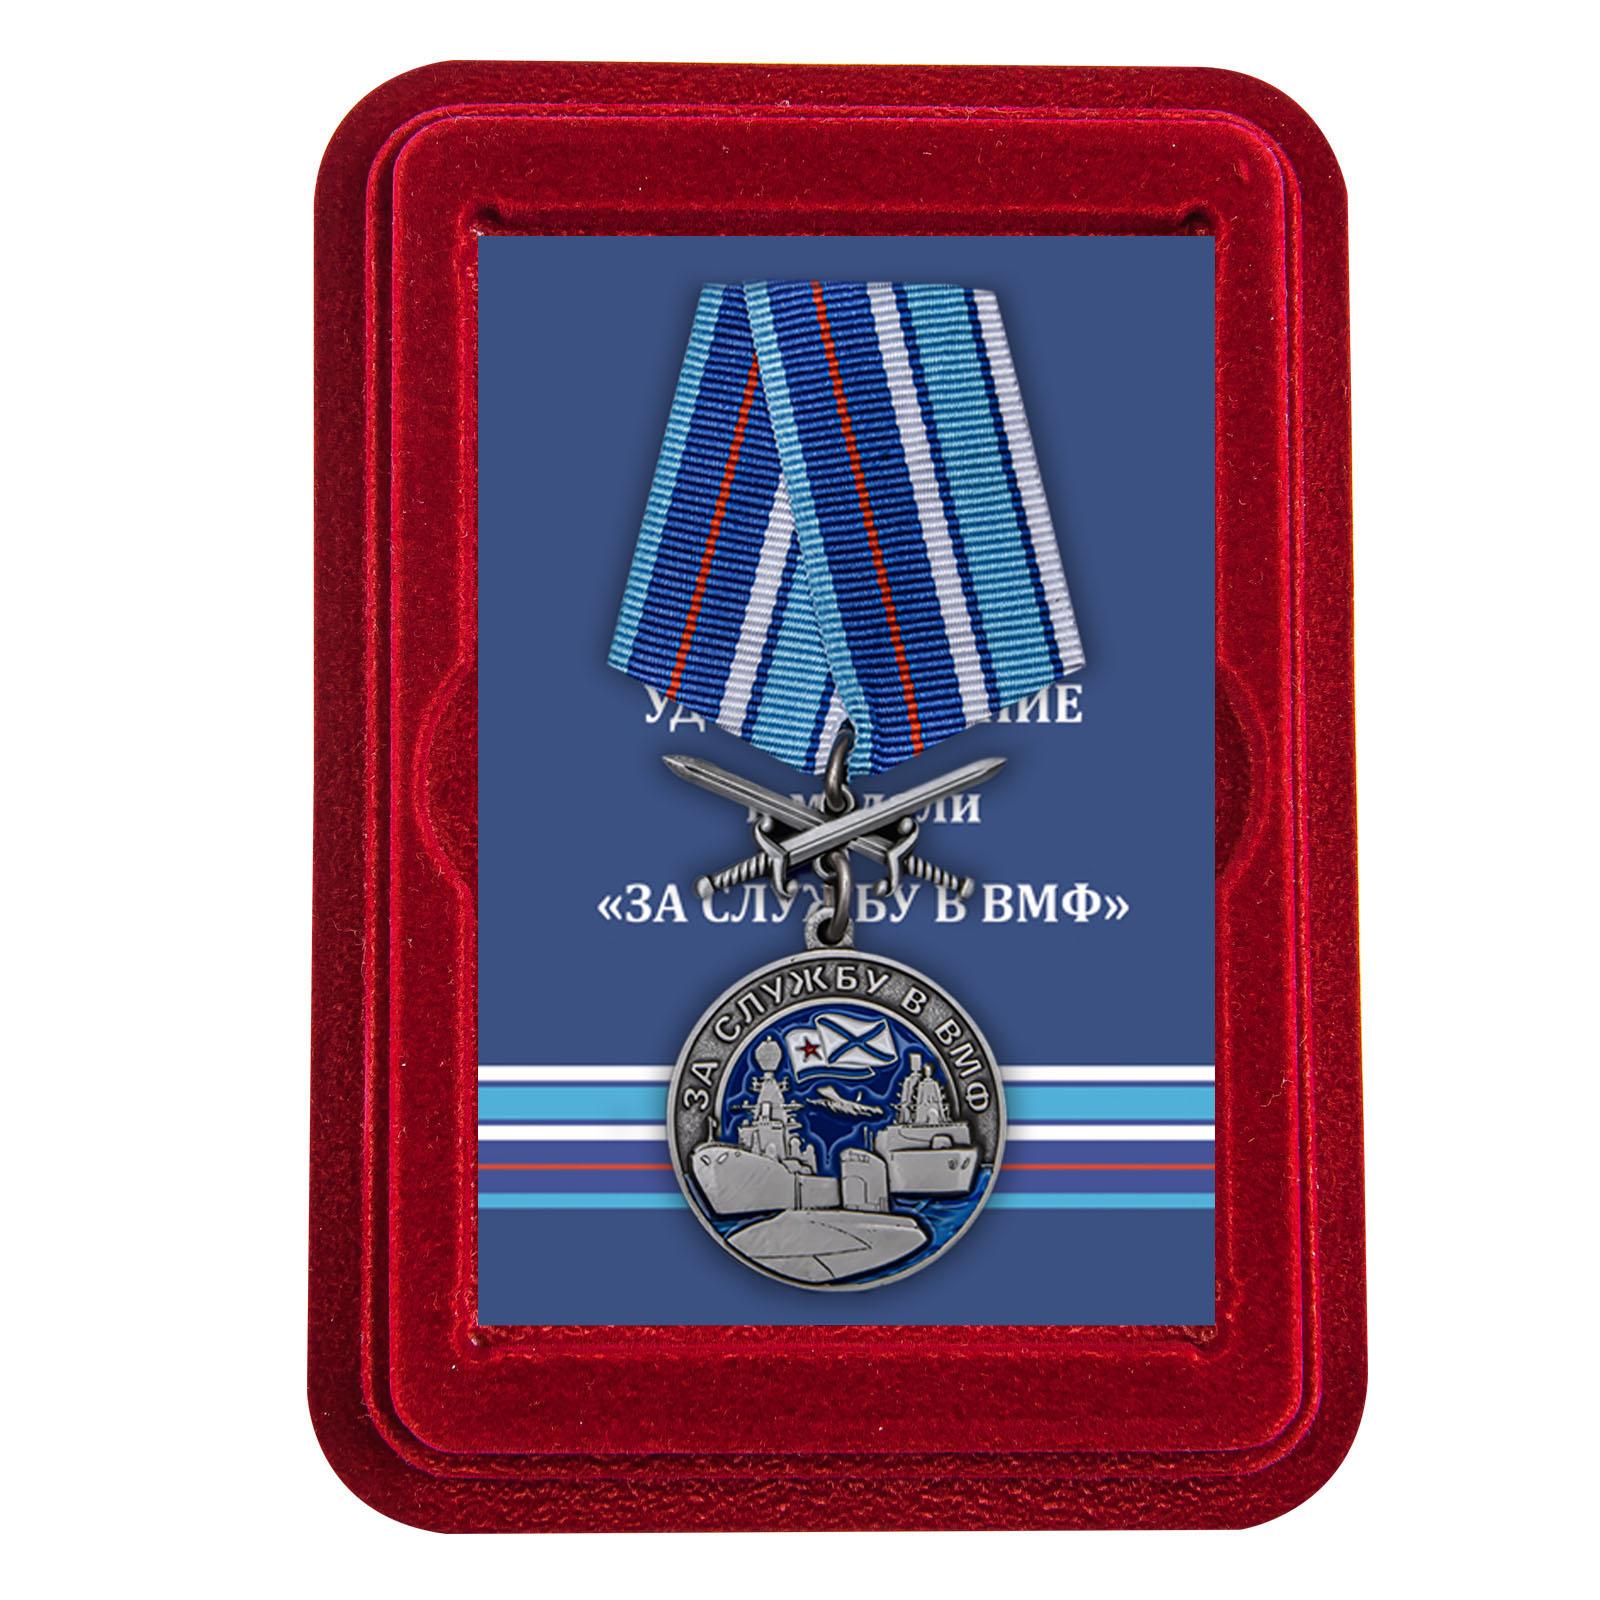 Купить медаль За службу в ВМФ по экономичной цене